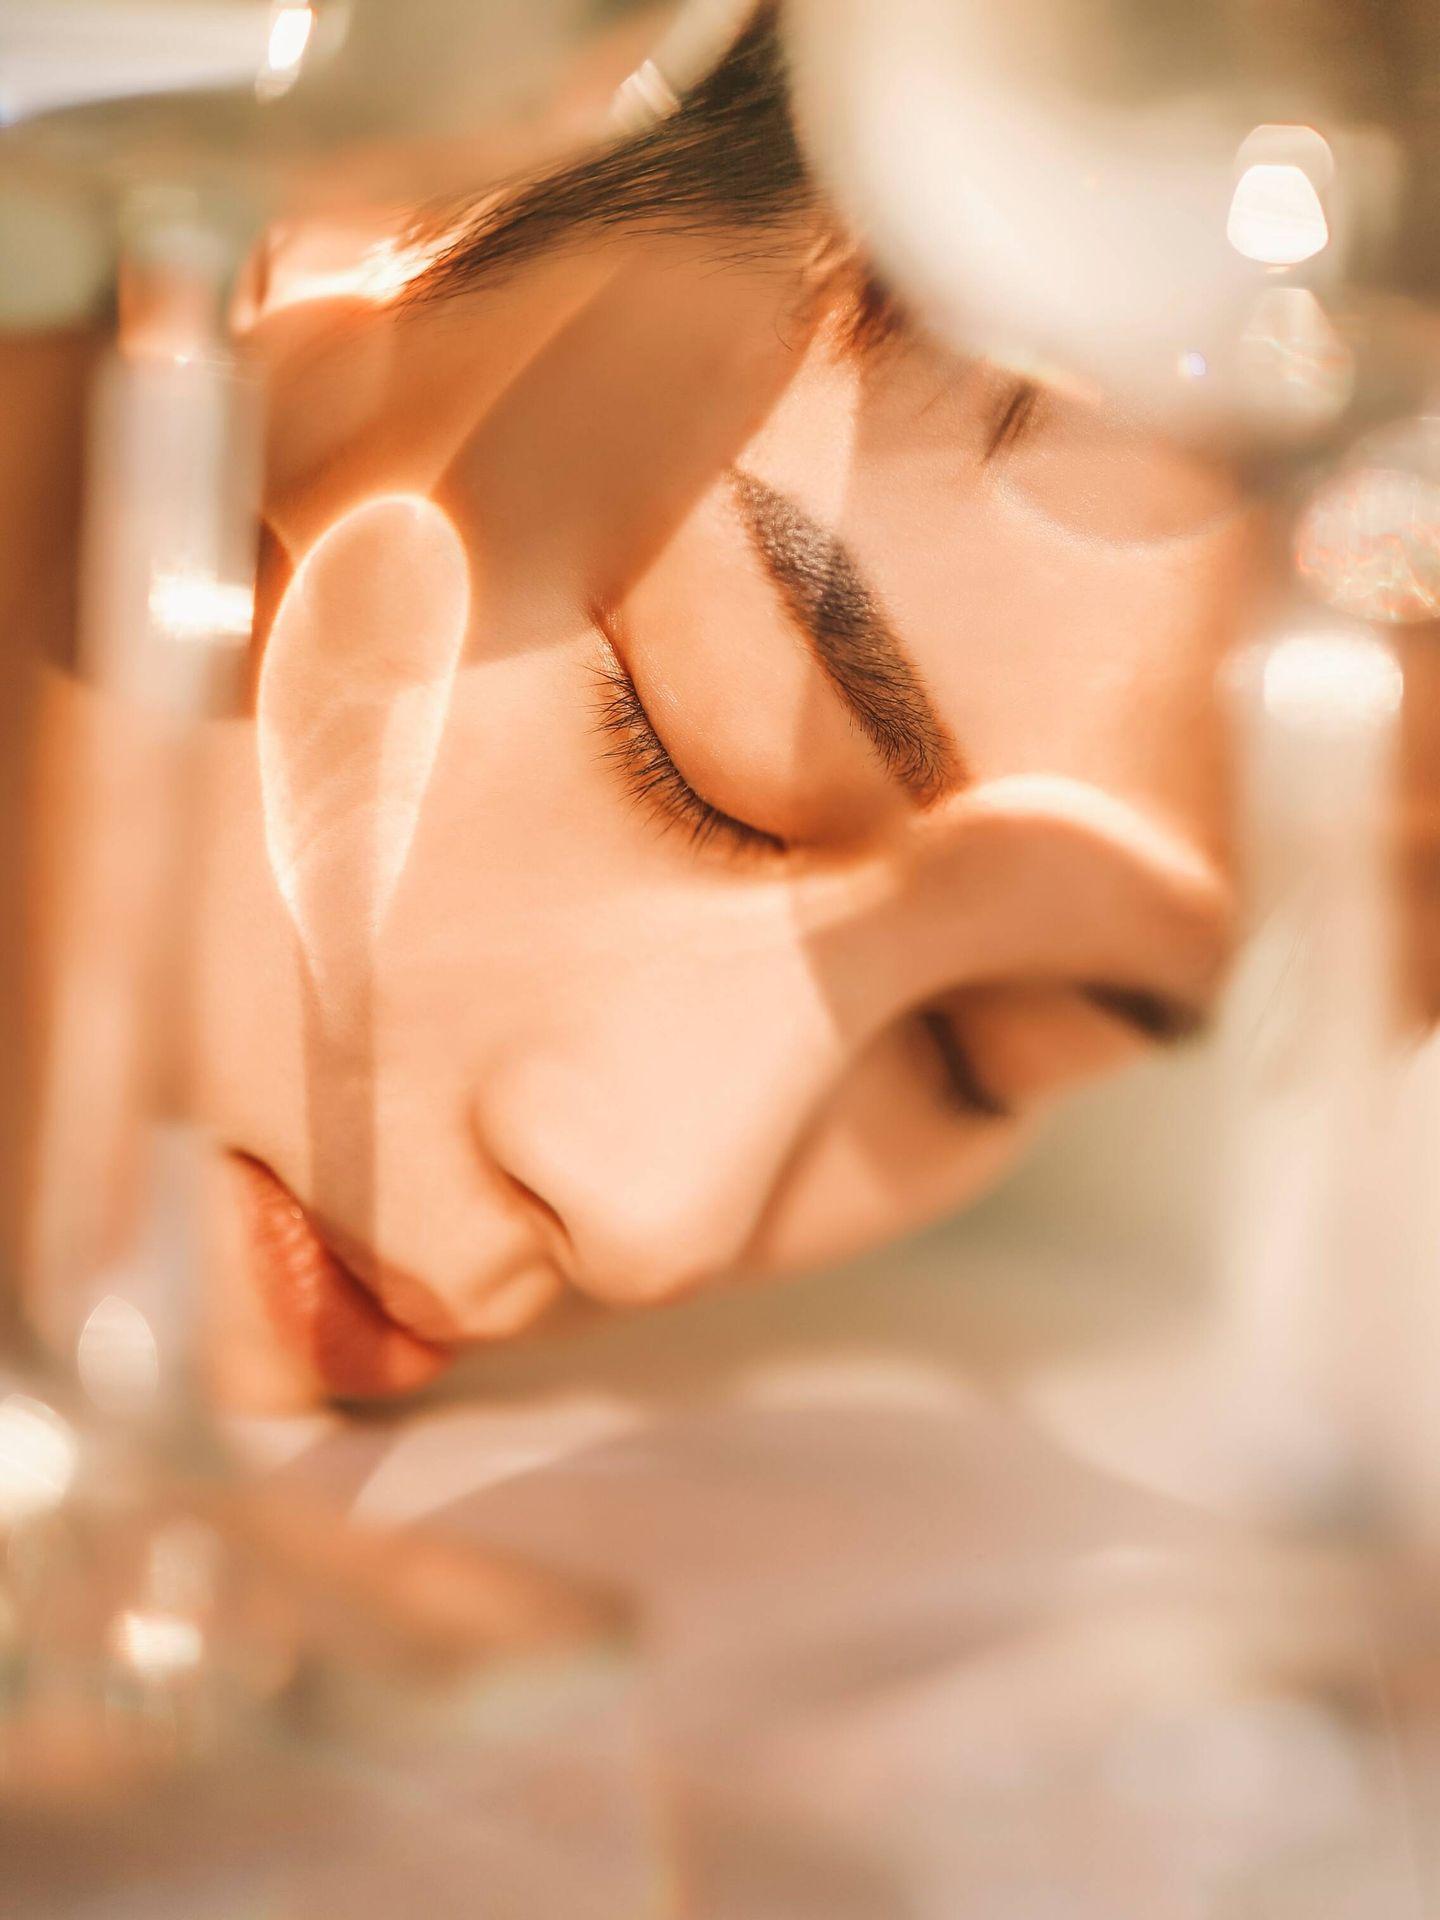 En Asia, la limpieza facial es una prioridad. (Sunny Ng para Unsplash)